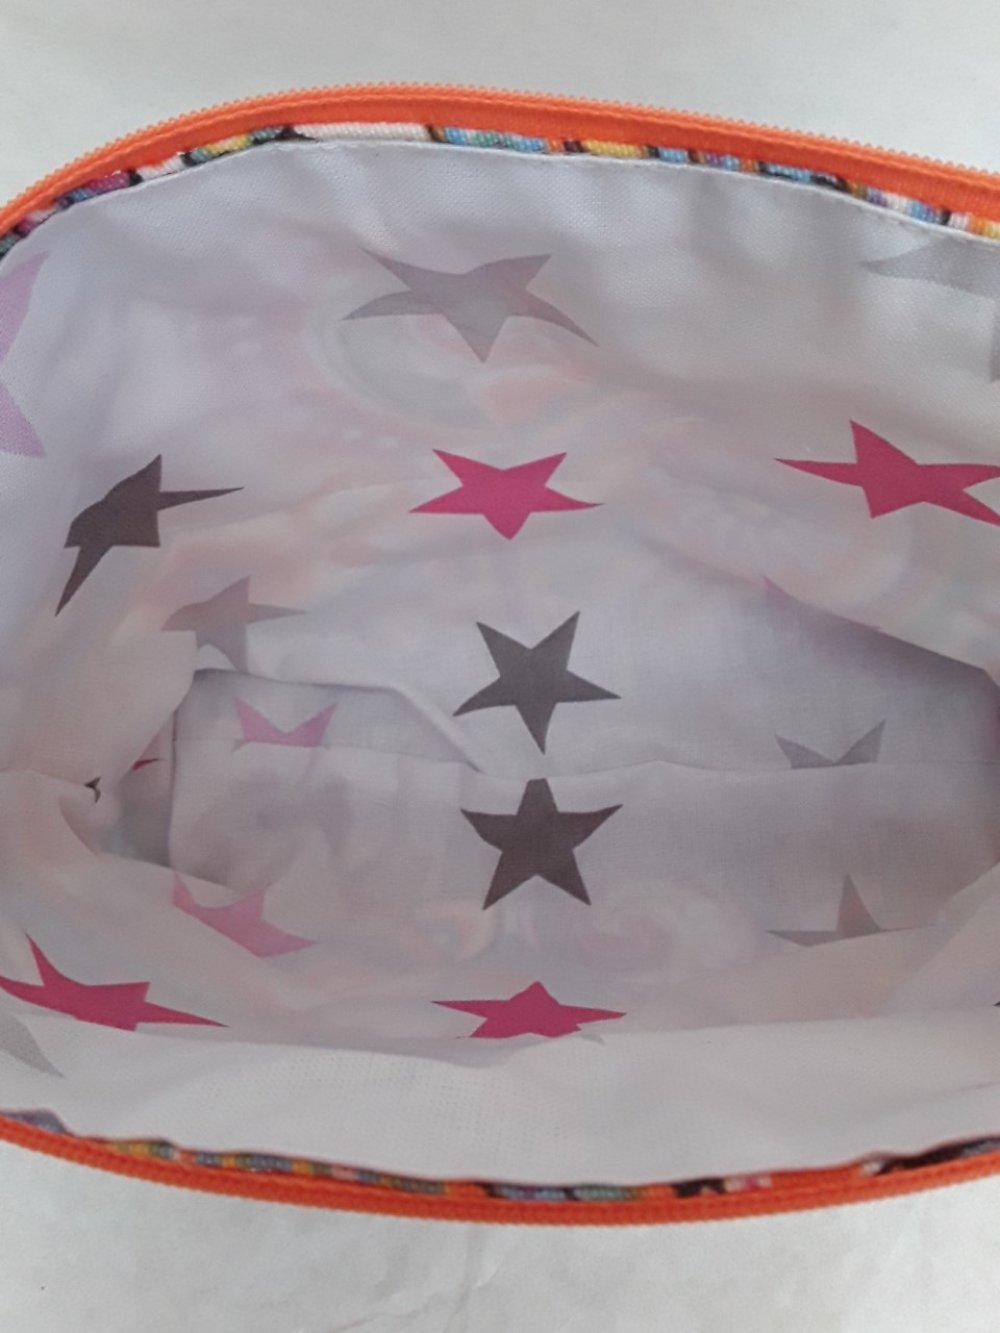 trousse, pochette, motif cachemires, colorés, 25/16/7cm, coton, doublée étoiles , tirette,  dentelle orange